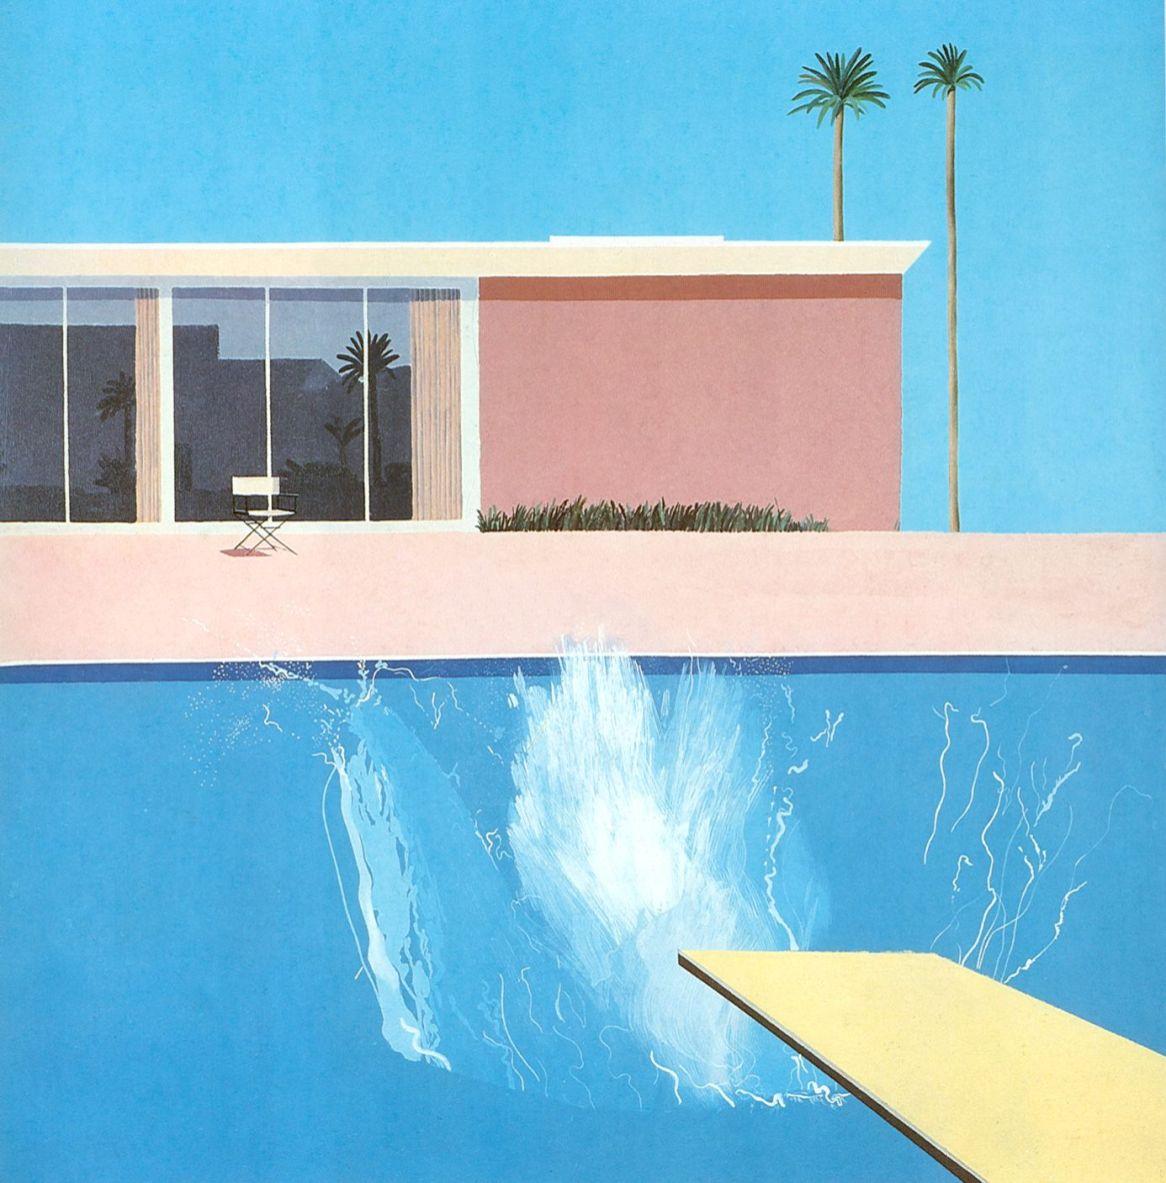 David Hockney - A Bigger Splash